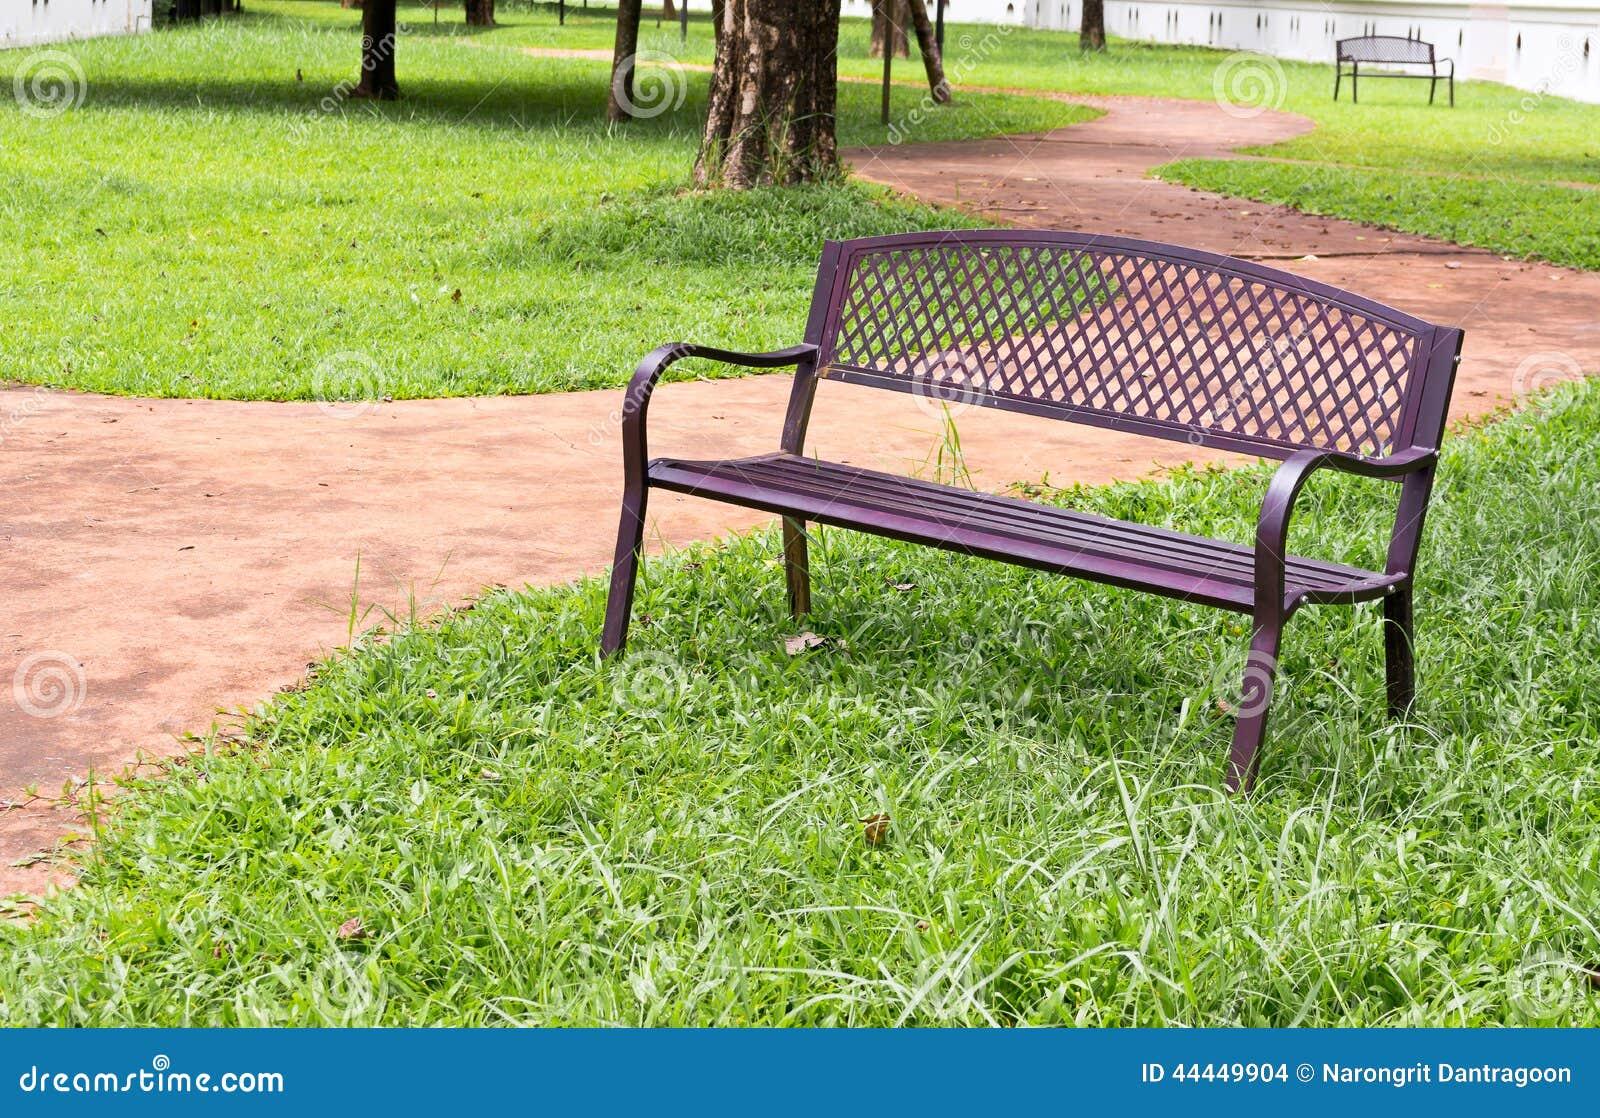 Public Park Benches 28 Images Public Park Benches 28 Images Simple Park Bench Free Public